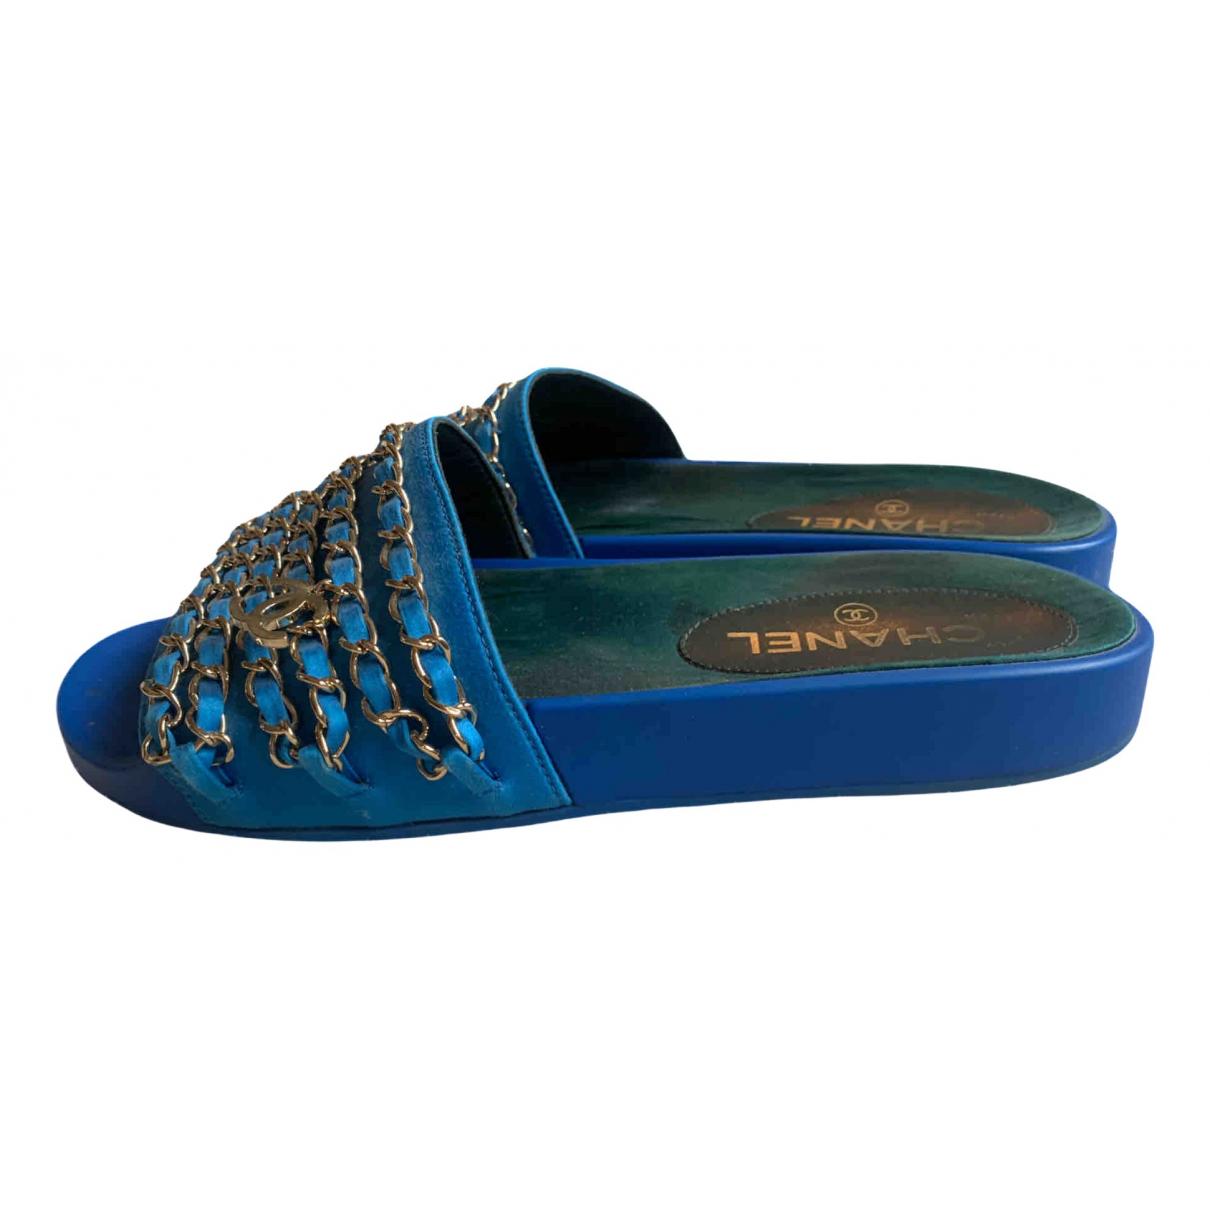 Chanel \N Sandalen in  Blau Kautschuk